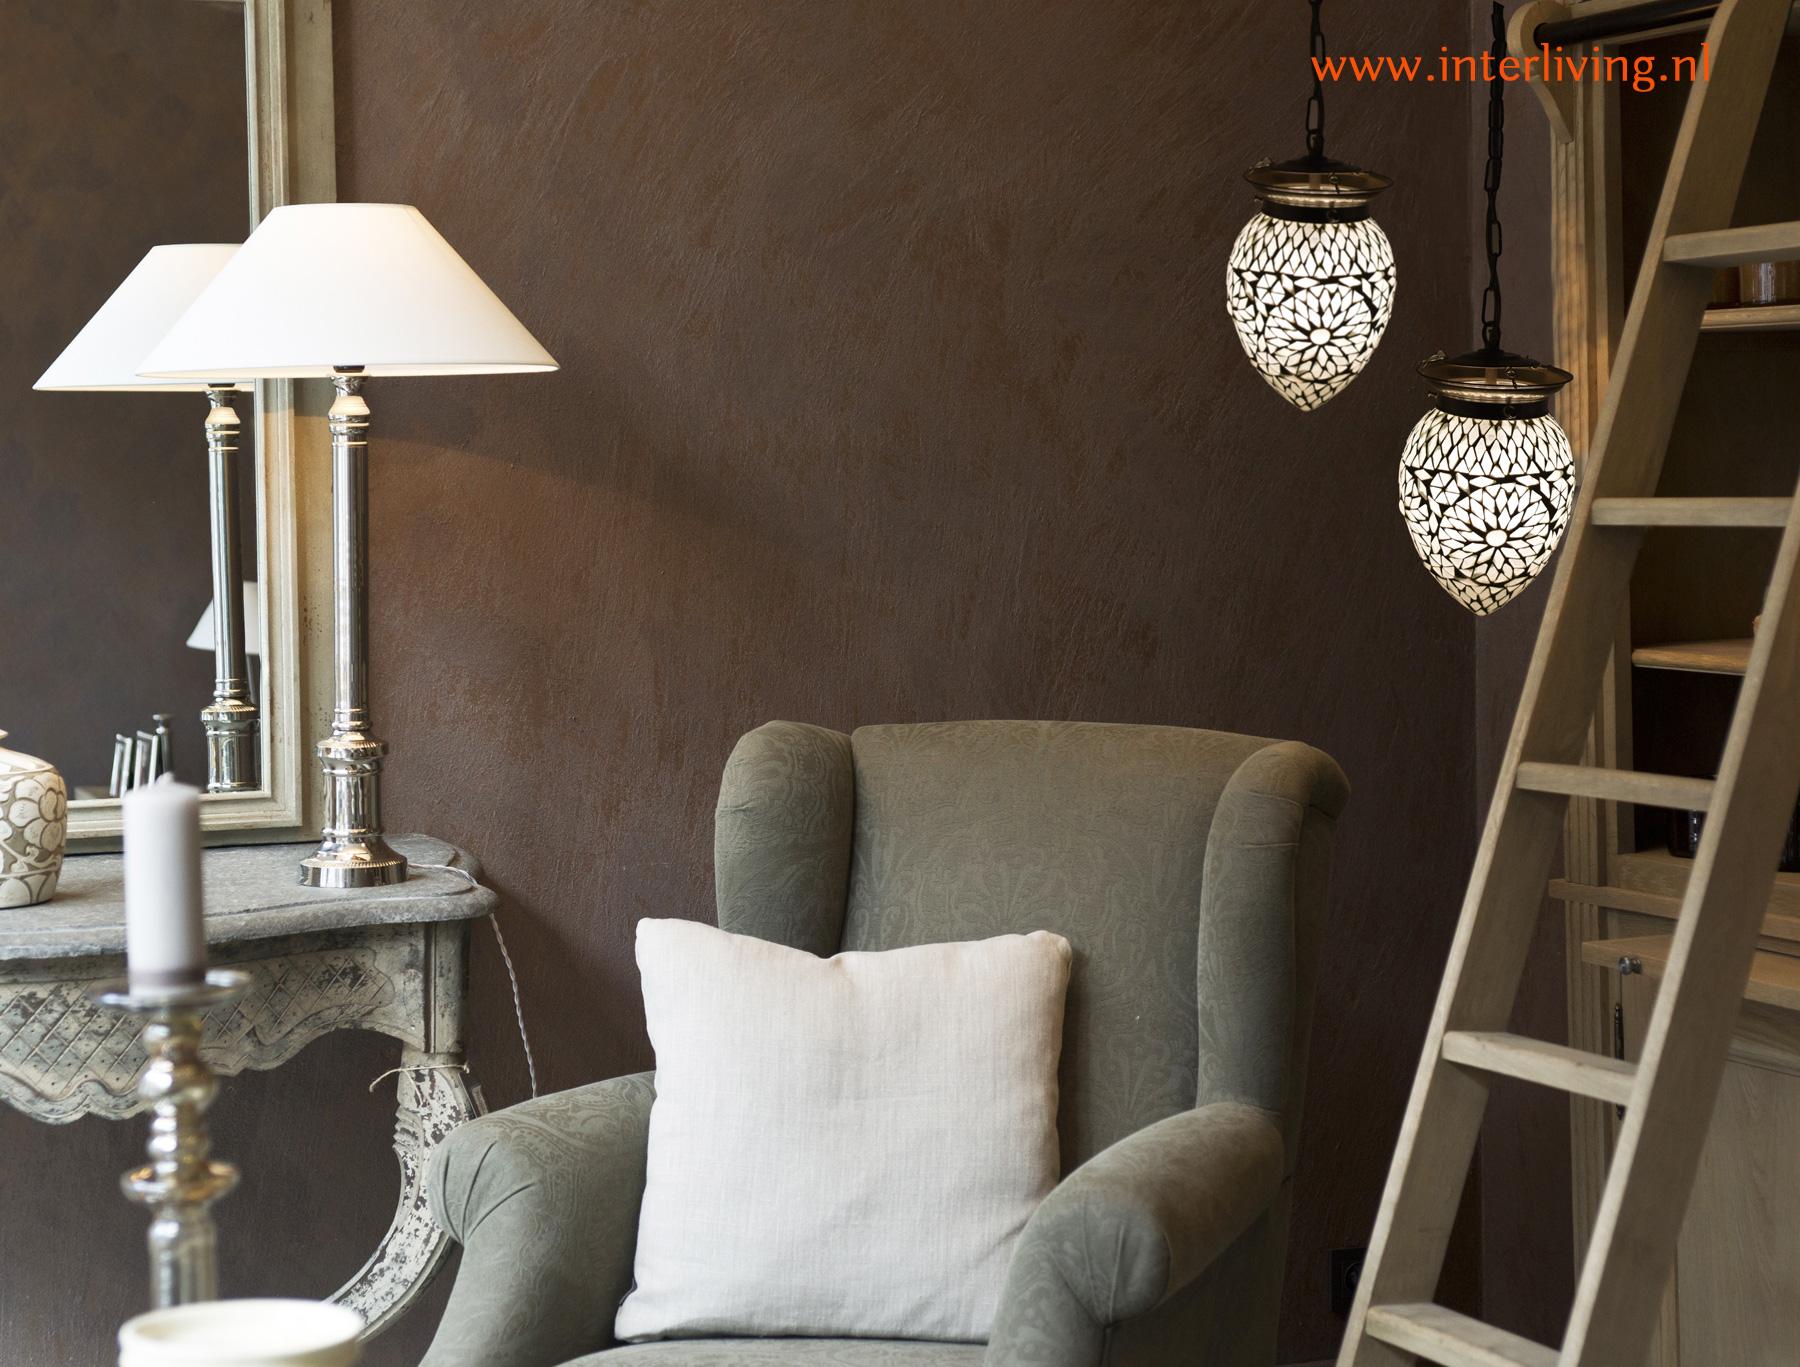 landelijk stoer en sober wonen - sfeervolle hanglamp van glas met cement met vintage metalen ophangketting geschakeld